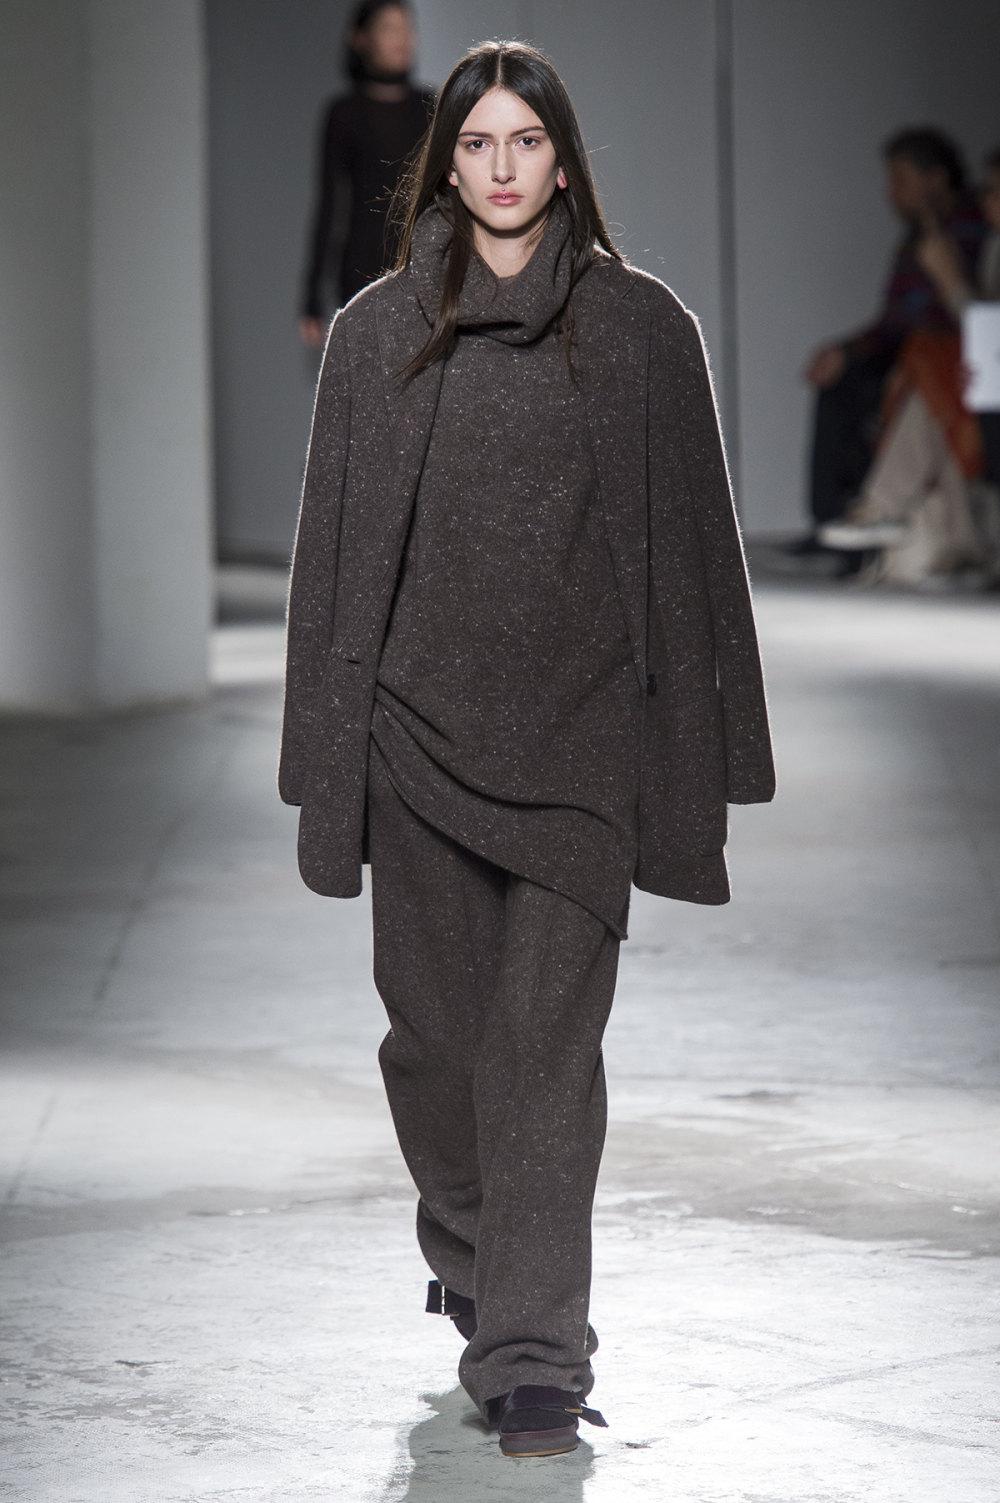 Agnona时装系列有纹理外套长而瘦有些穿着浴袍宽腿裤套装有巧克力-30.jpg